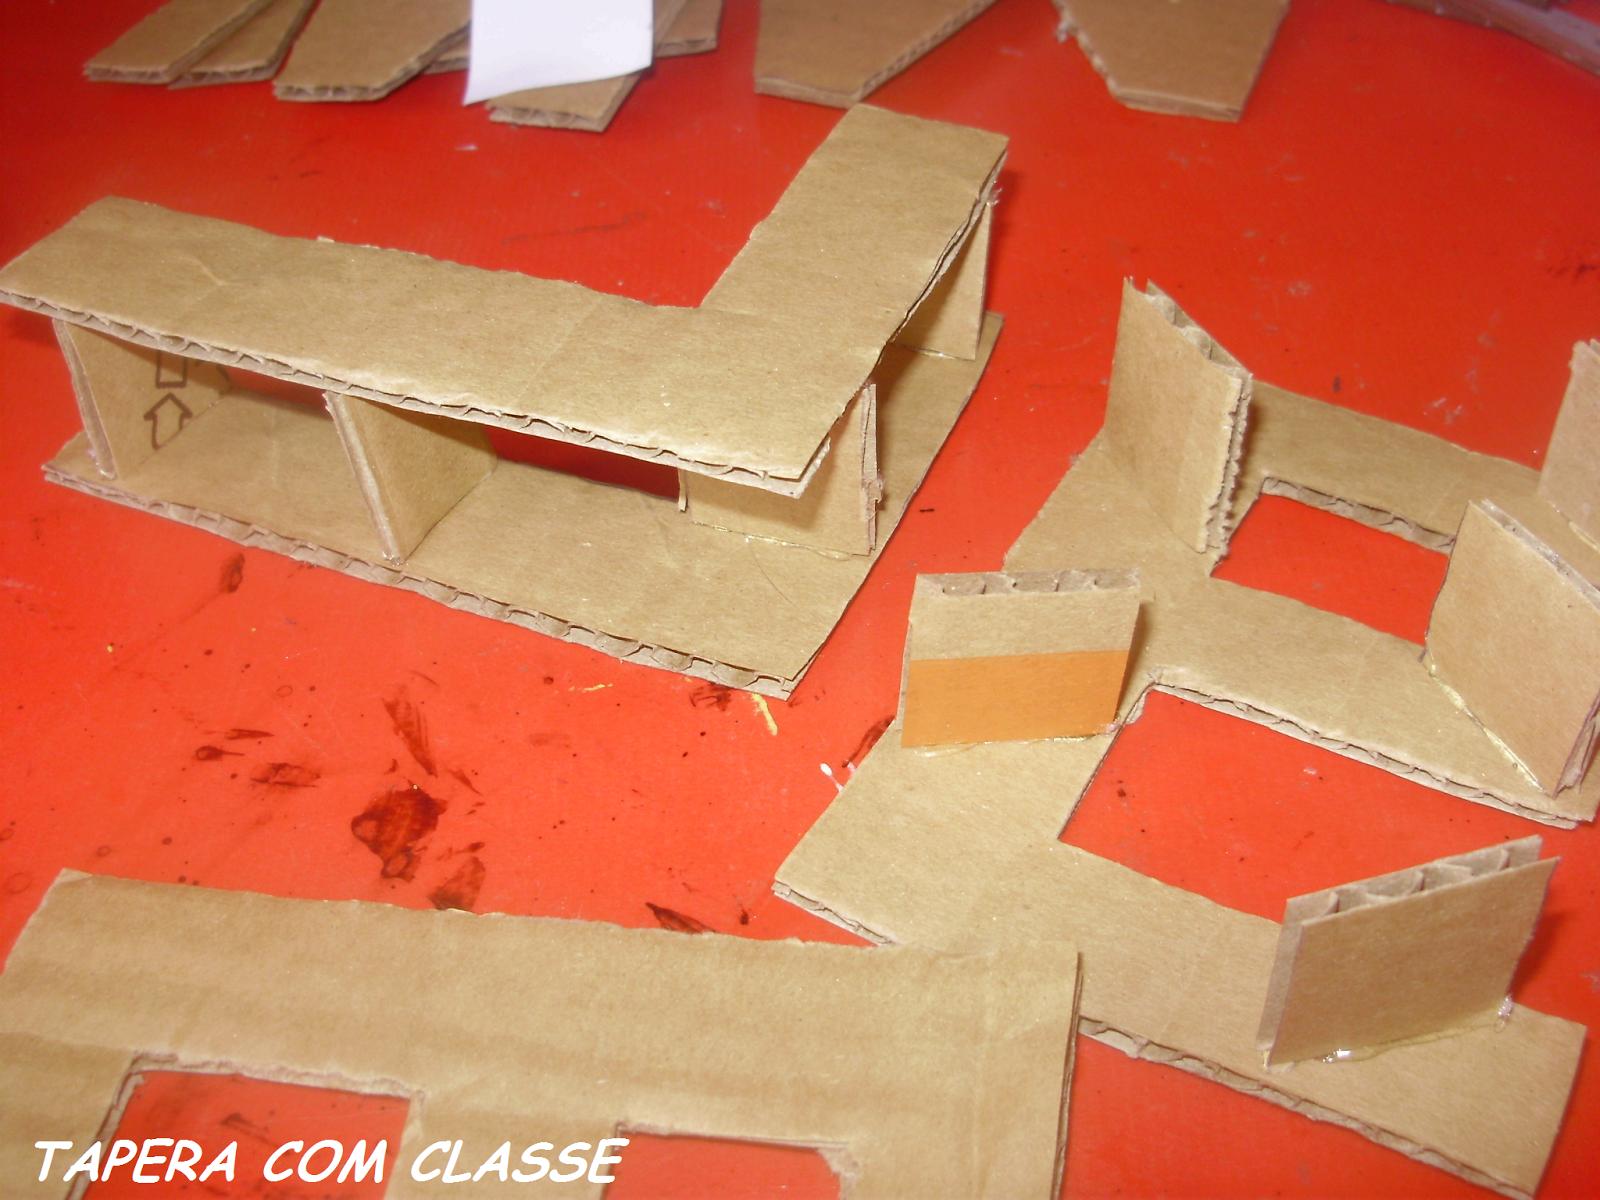 tapera com classe letras decorativas de papelo